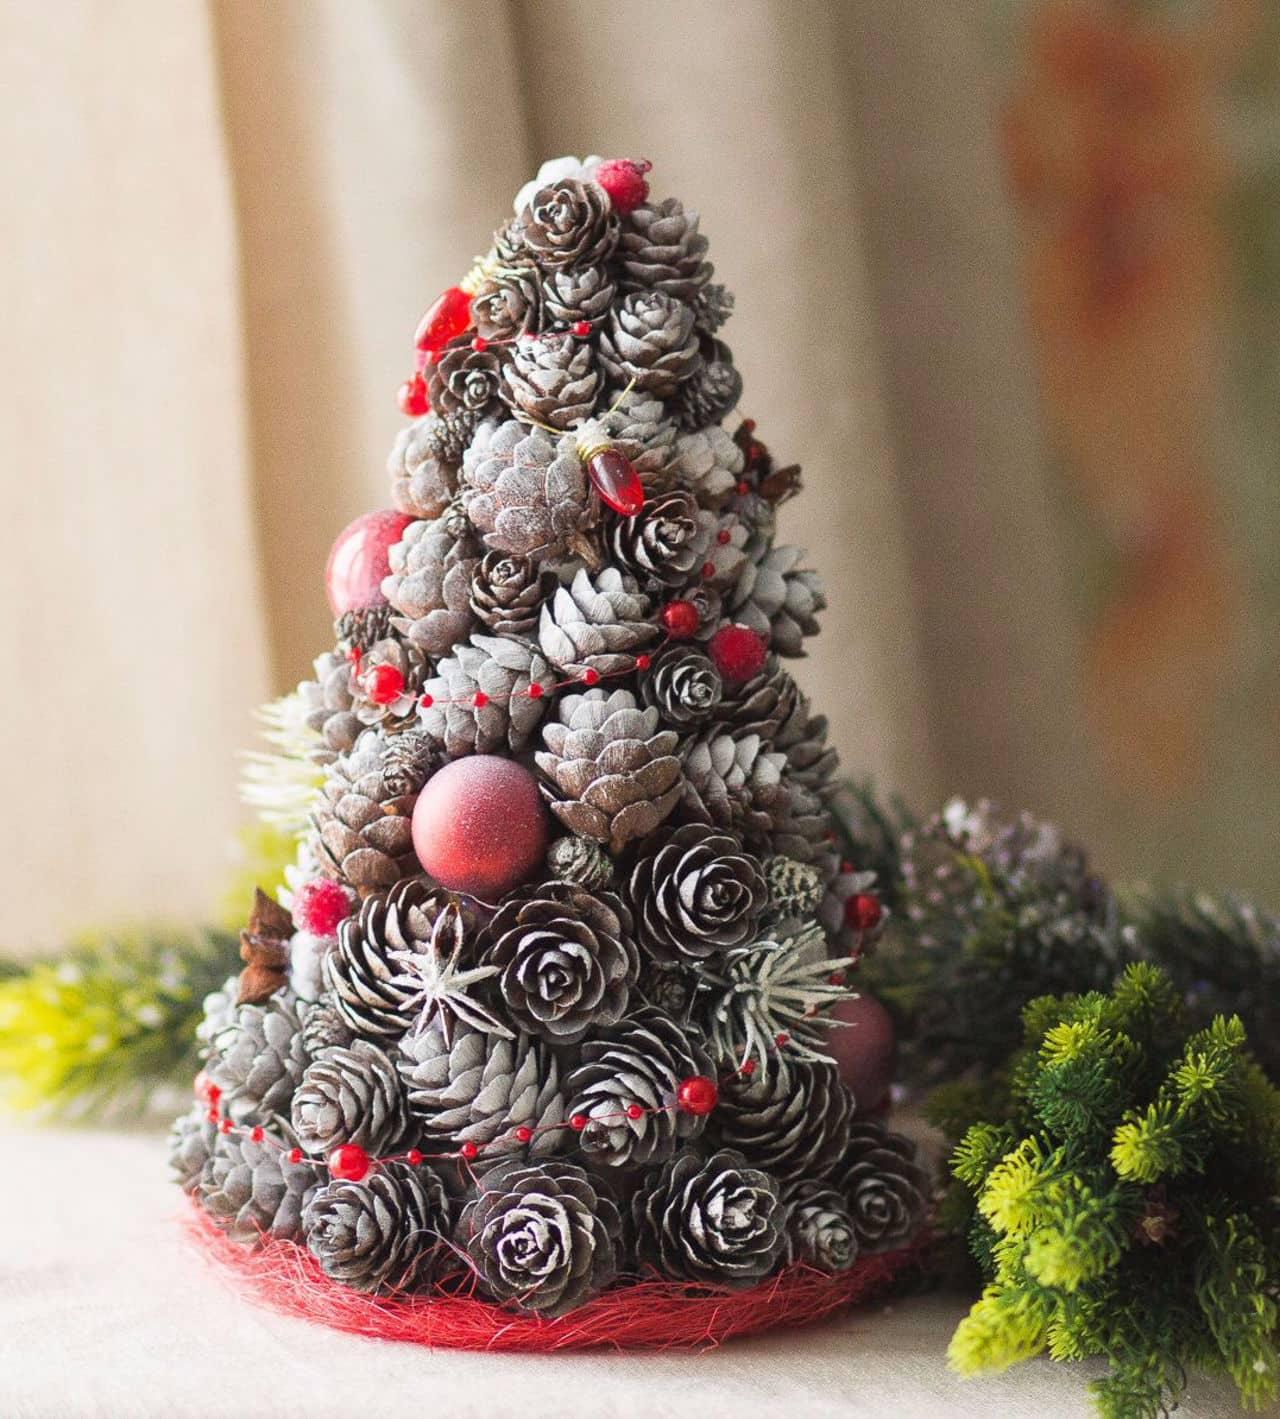 Елка из шишек поможет создать тёплую и праздничную атмосферу Рождества и Нового года